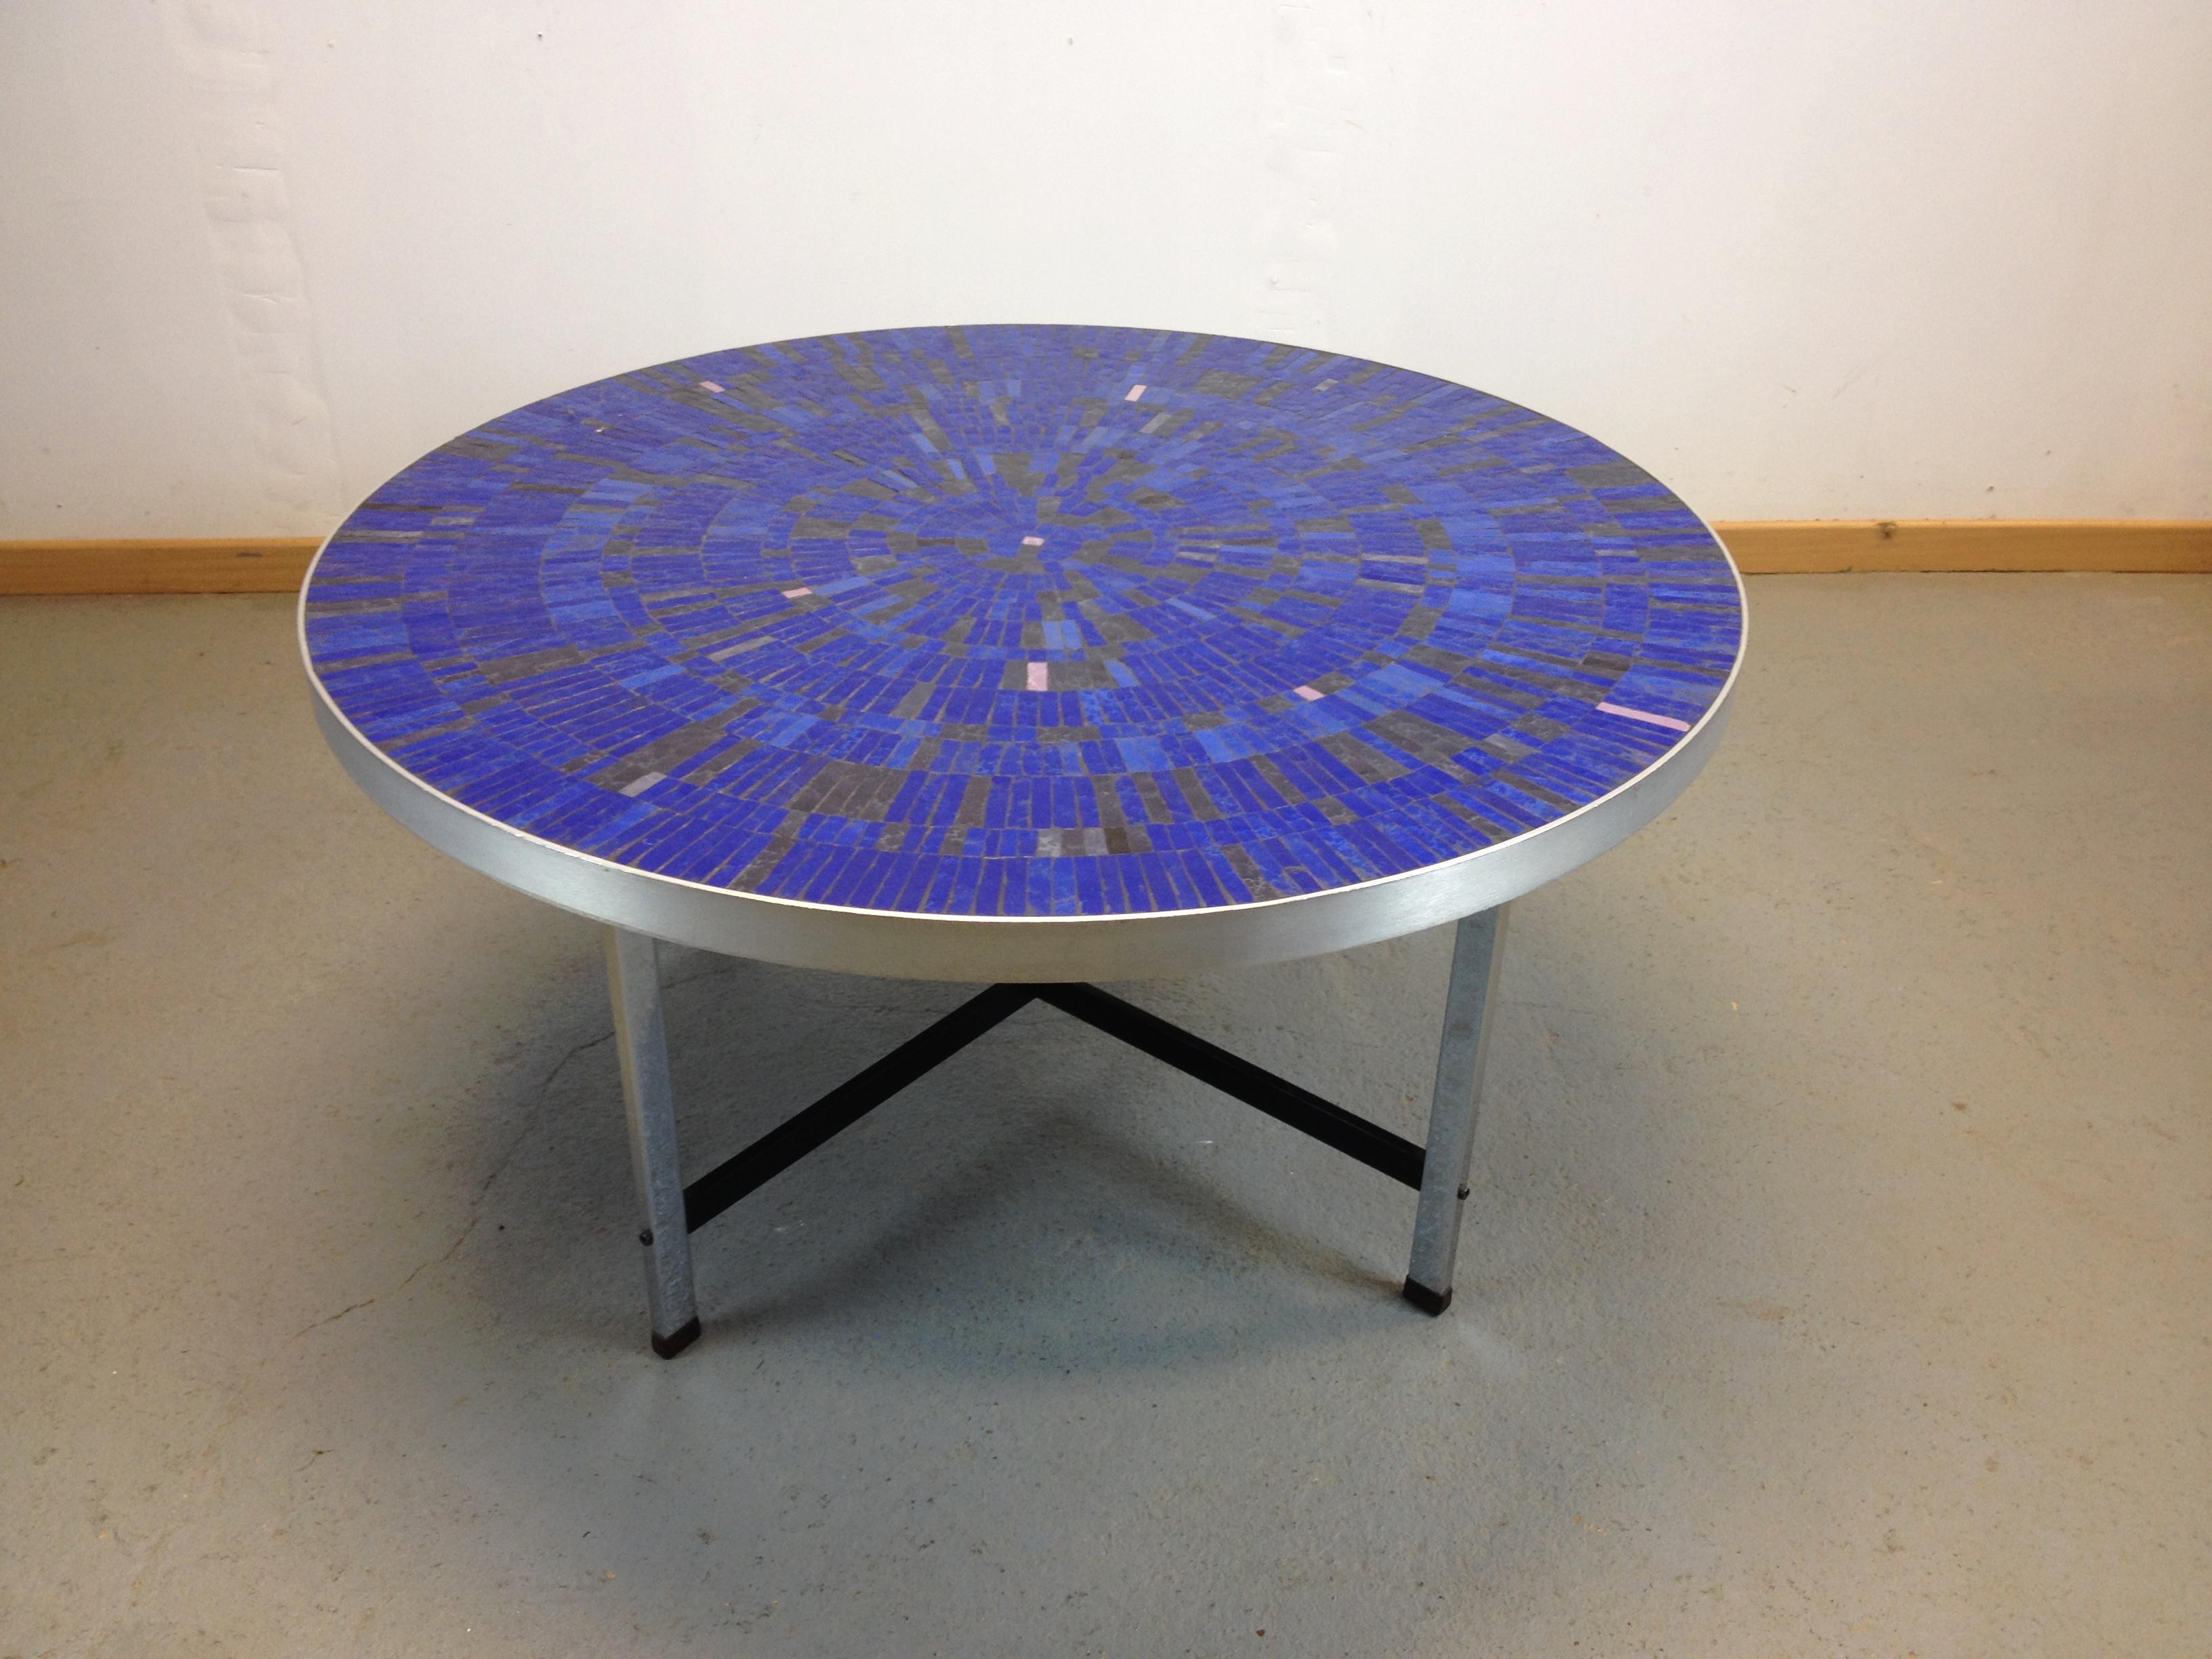 table basse mosa que berthold m ller oerlinghausen. Black Bedroom Furniture Sets. Home Design Ideas